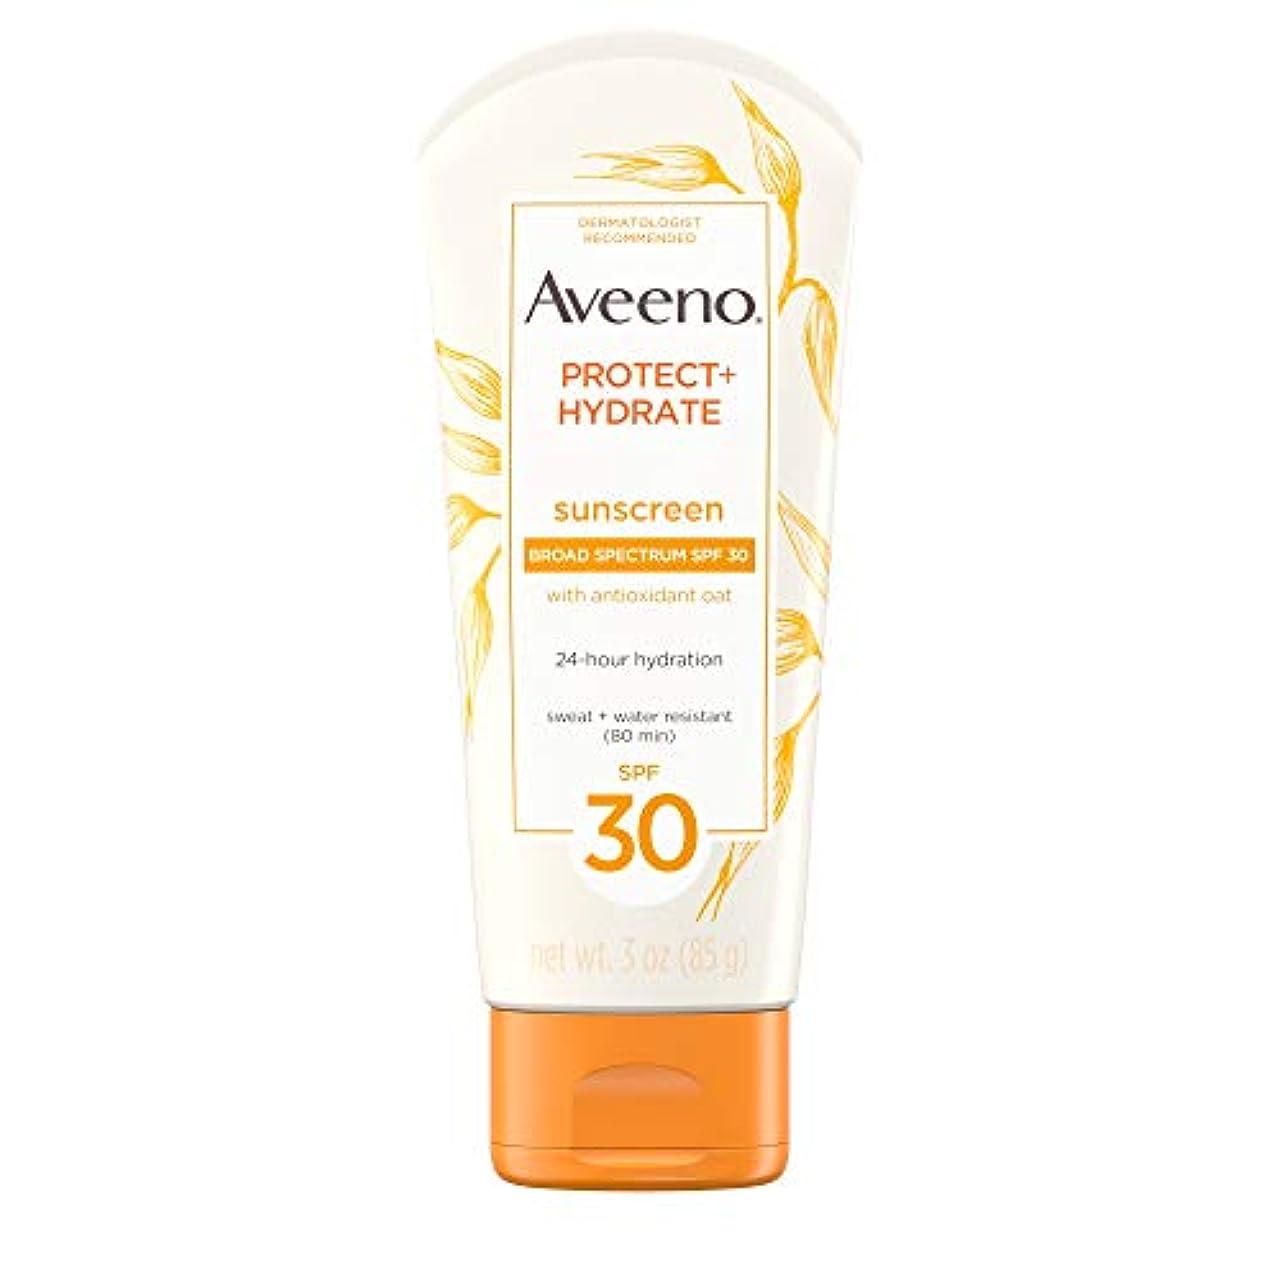 傾向があります時折見通しAveeno アビーノ 日焼け止め ローションSPF-30 protect+hydrate Sunscreen Lotion(平行輸入品) 85g (3Oz)